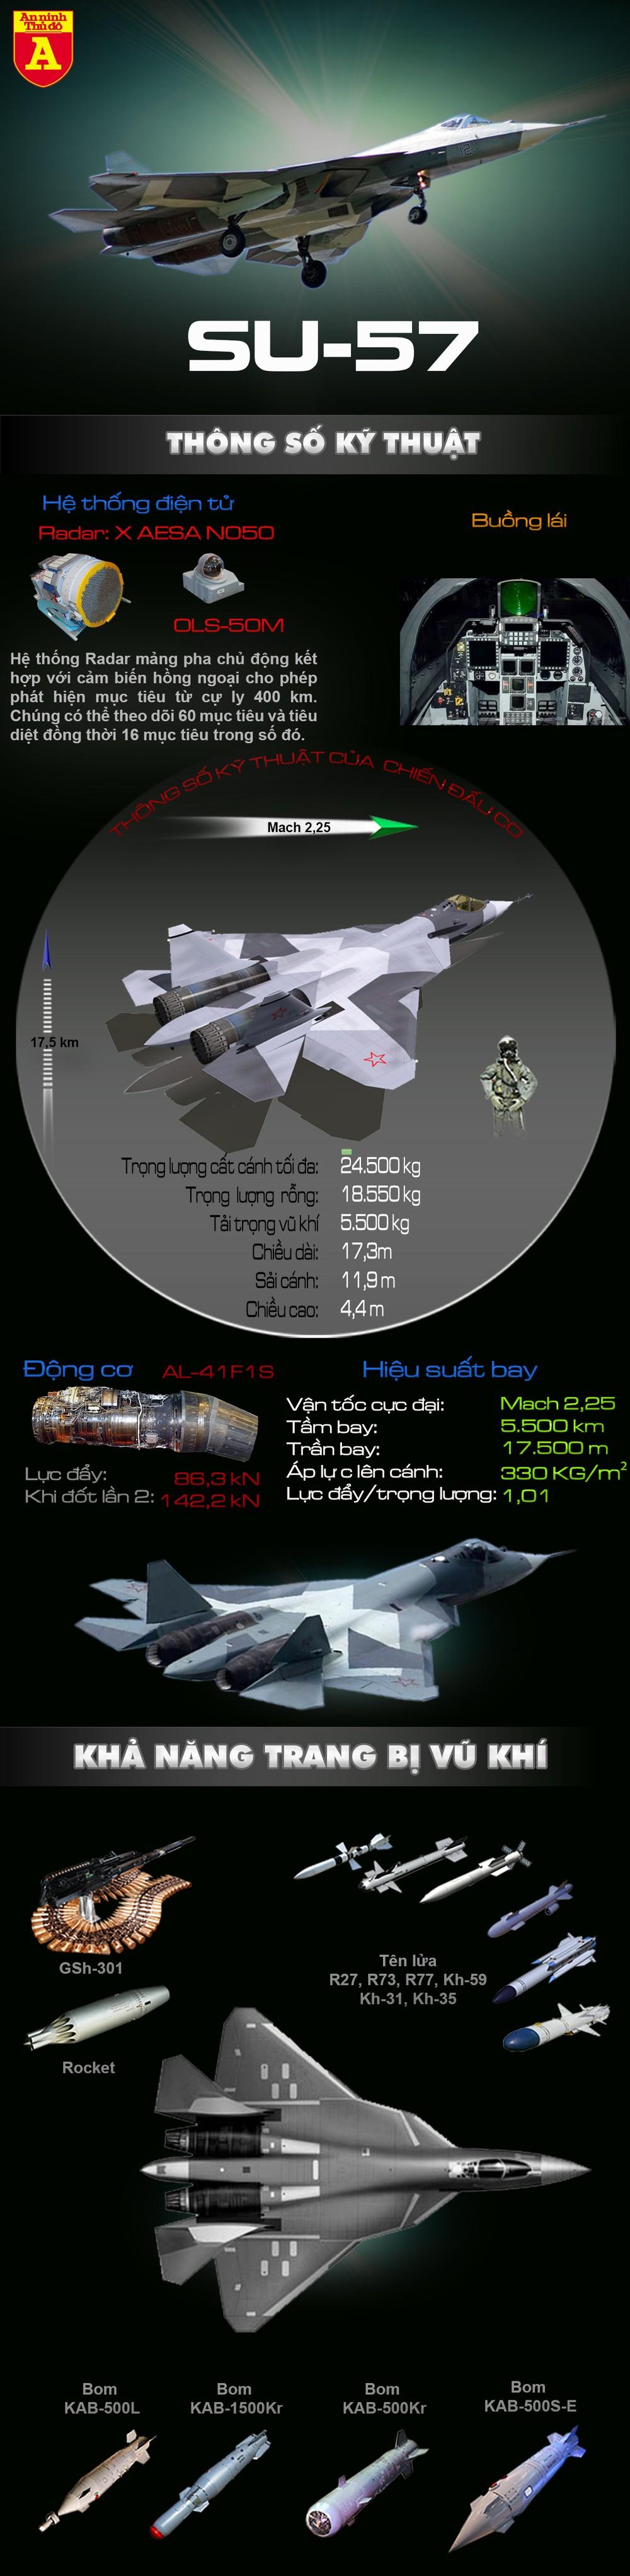 [Info] Giá Su-57E cao gấp 3 lần F-35, nhưng khách vẫn sẽ đổ tới mua vì sao? ảnh 2